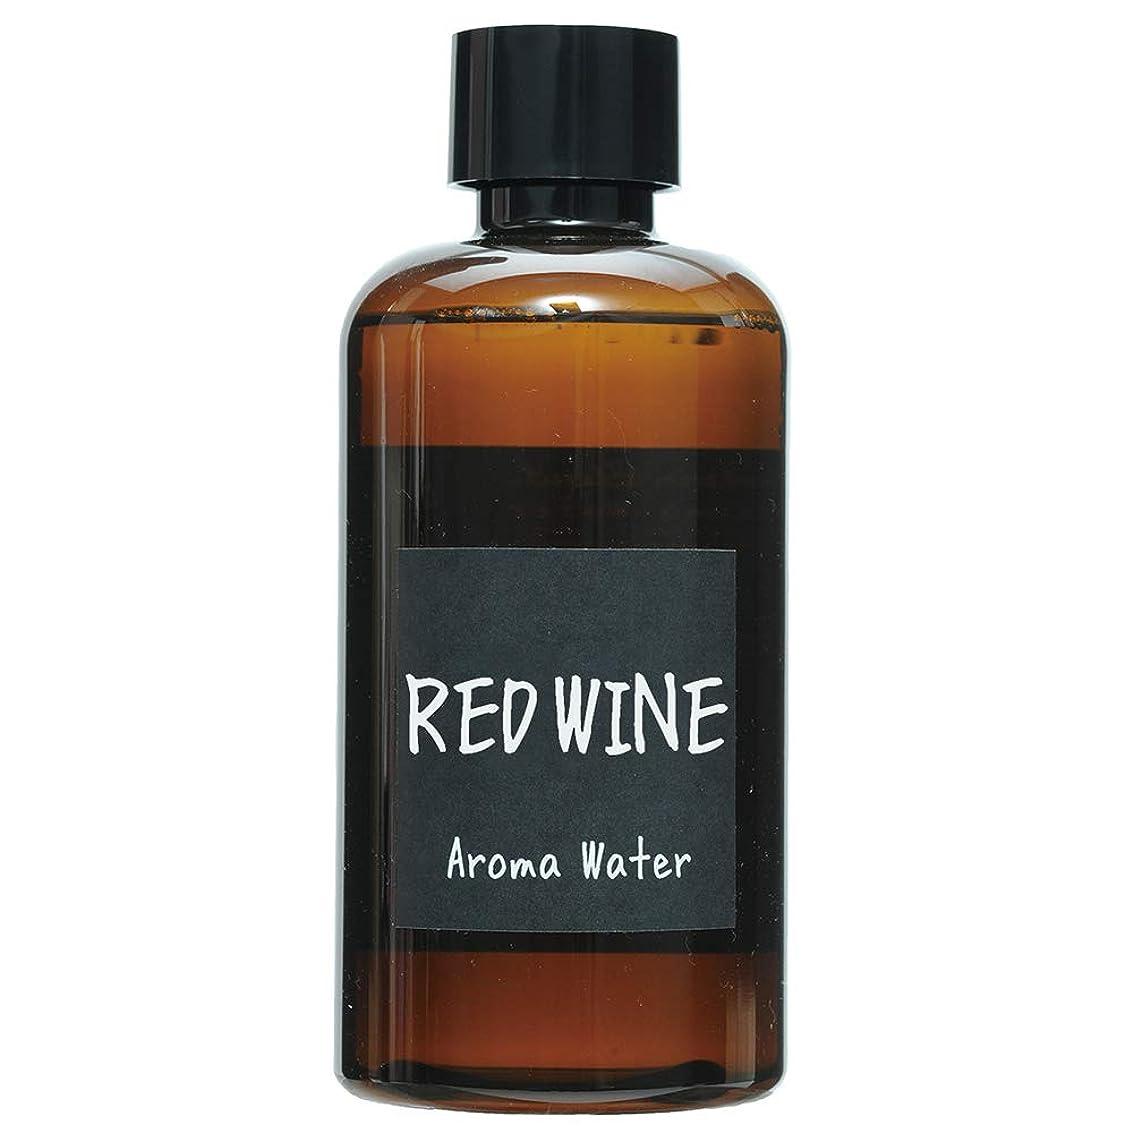 抑圧者アパル温帯ノルコーポレーション John's Blend アロマウォーター 加湿器用 OA-JON-23-5 レッドワインの香り 520ml